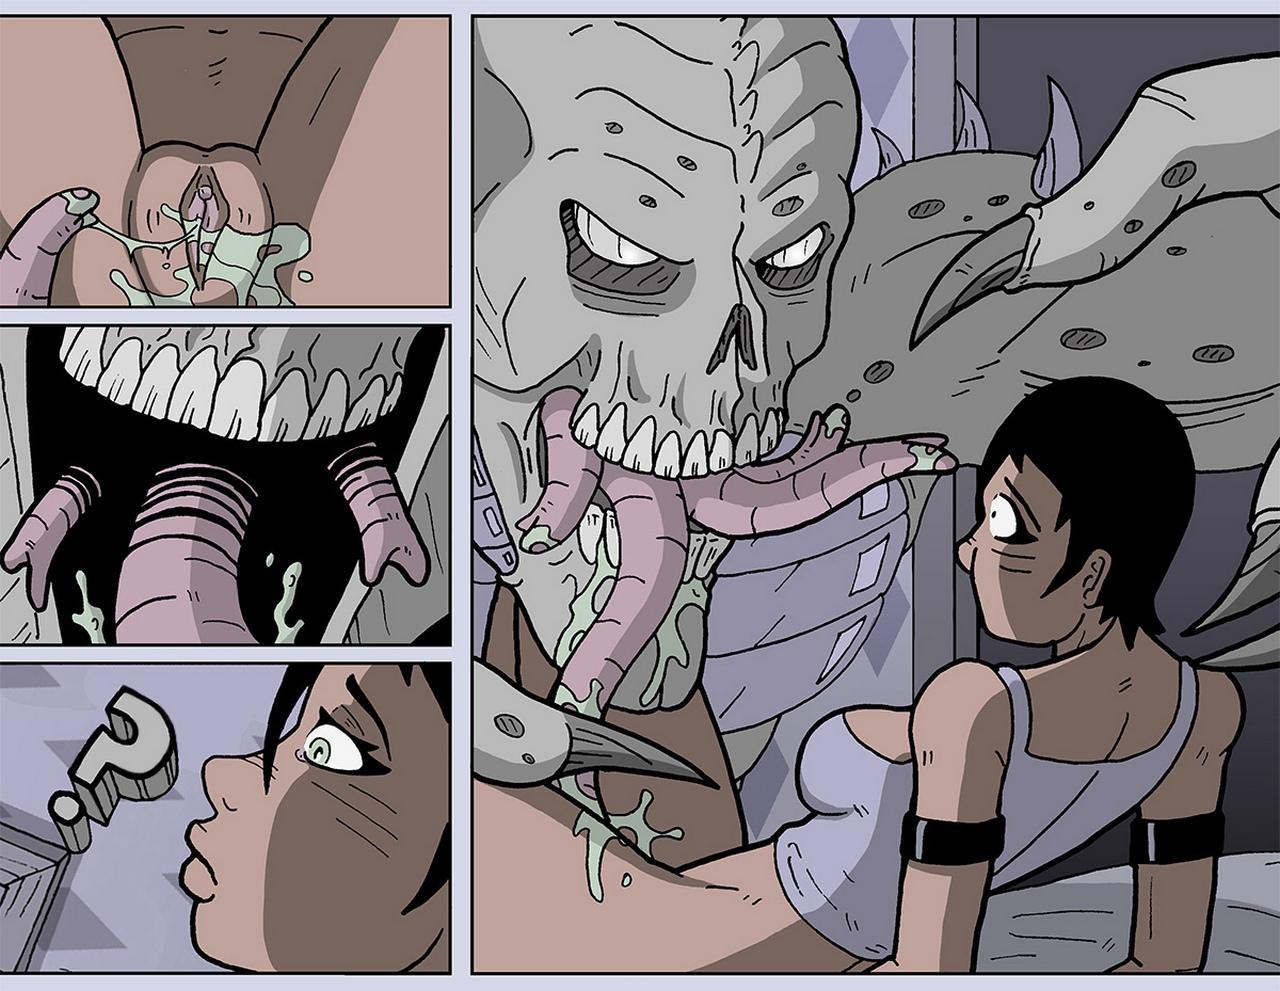 Bump-In-The-Night-HombreBlanco 5 free sex comic